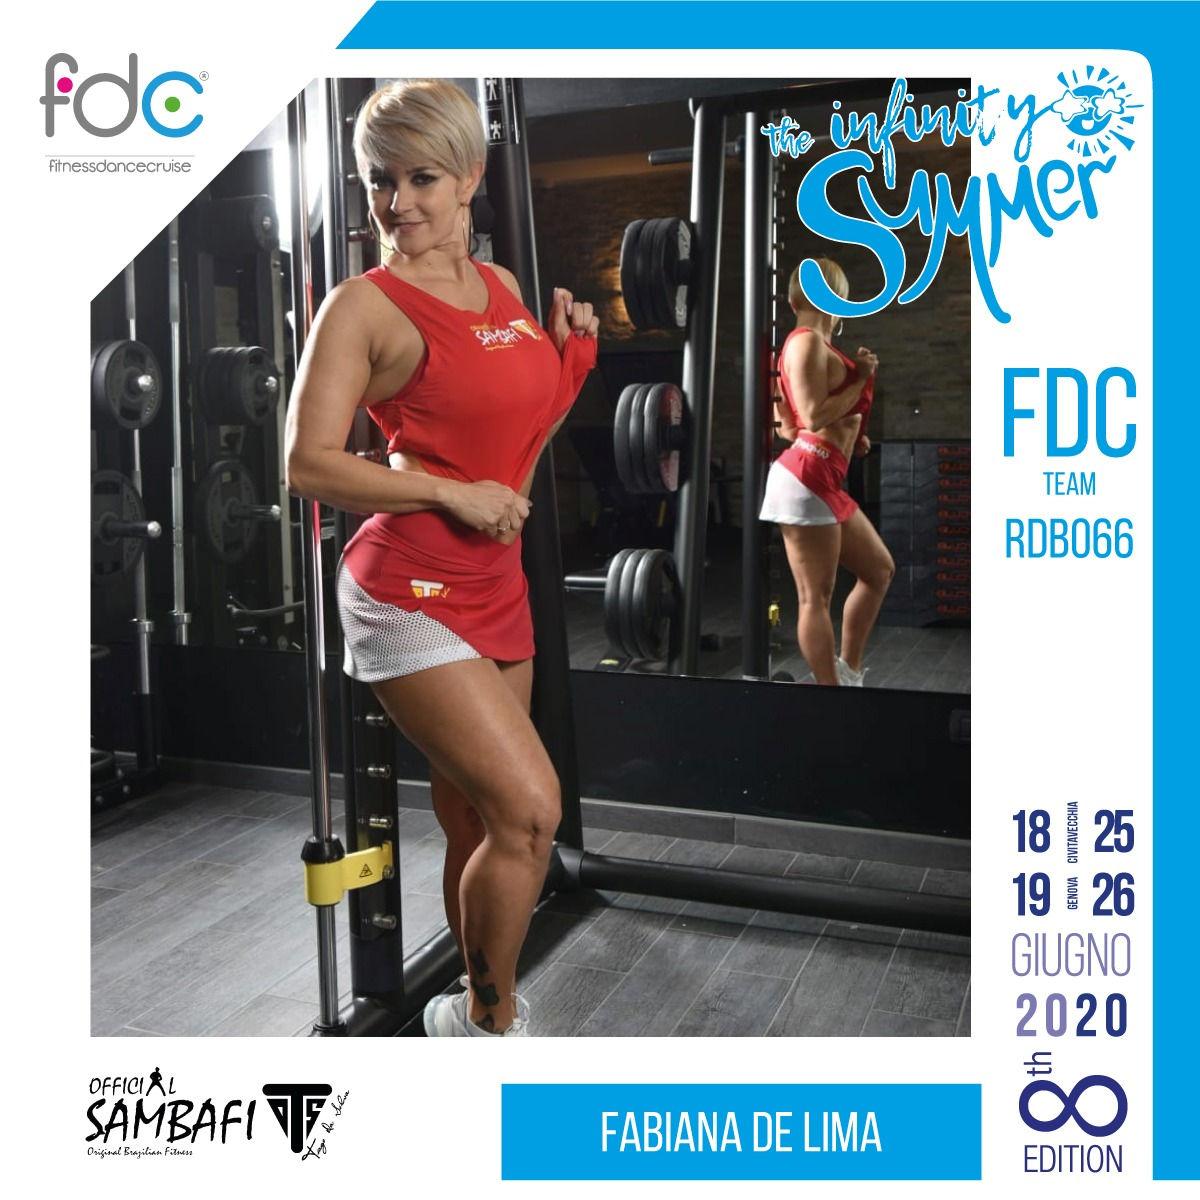 FDC Team Fabiana De Lima